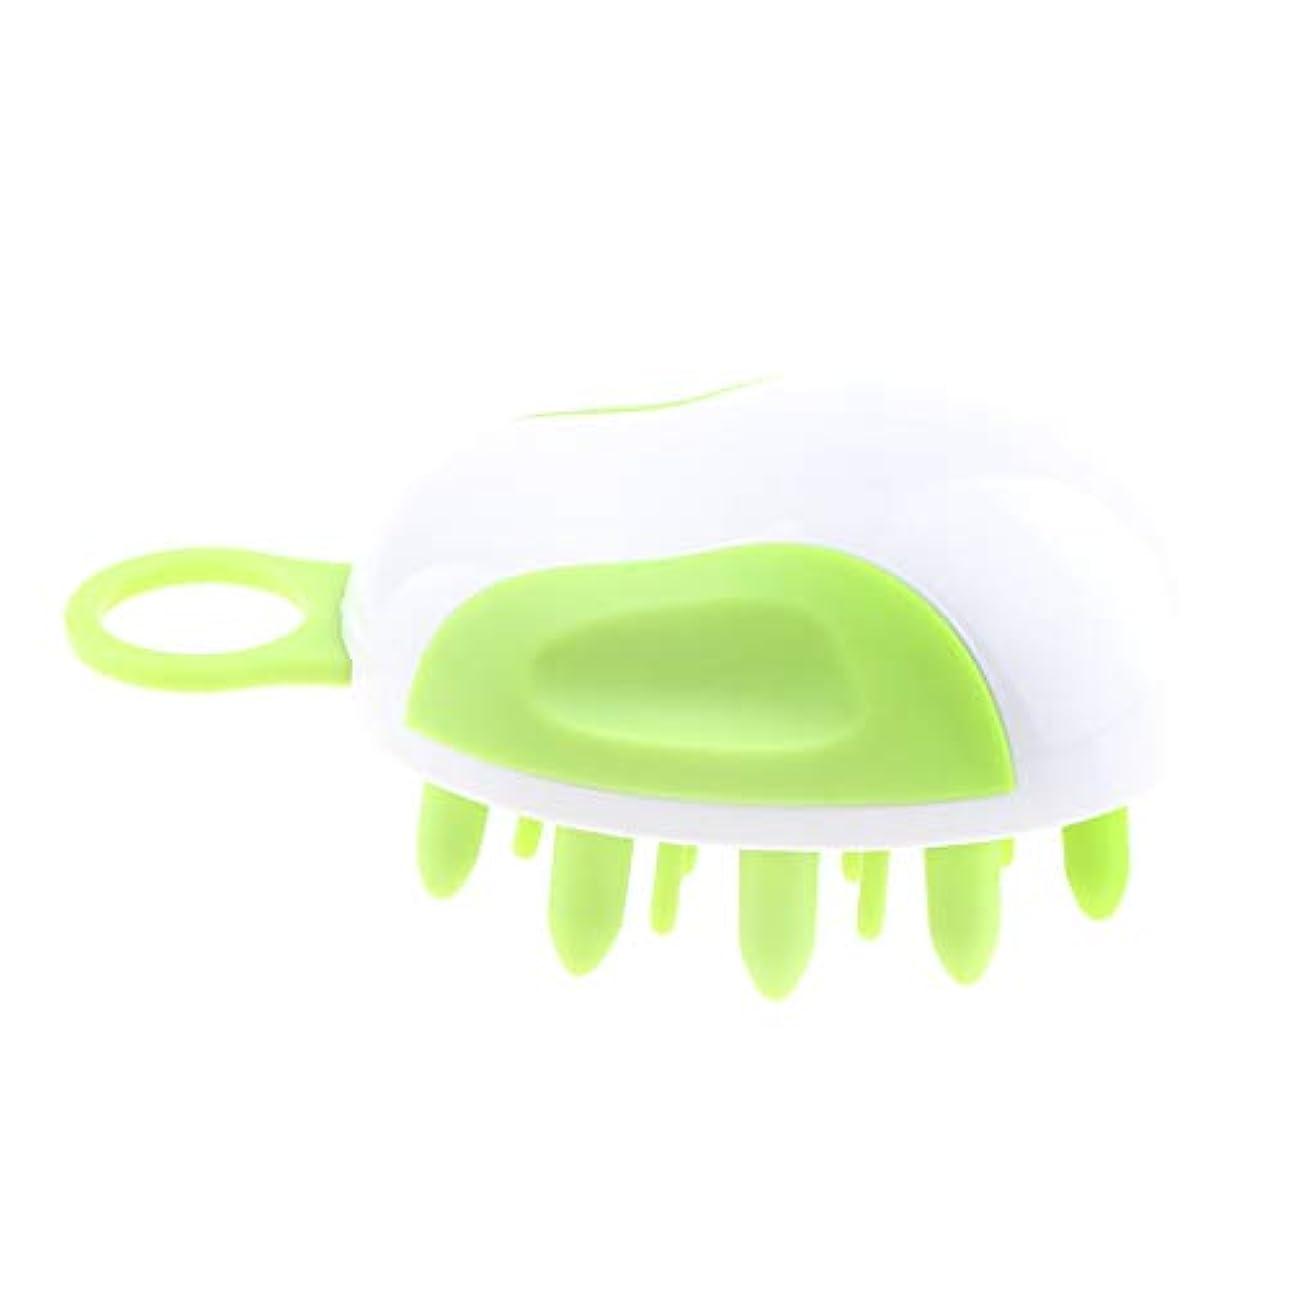 データベースホース民主党Sharplace シャンプーブラシ 角質除去 ヘアダイコーム ヘアブラシ 頭皮マッサージャー ヘアカラーリング用品 全2カラー - 緑